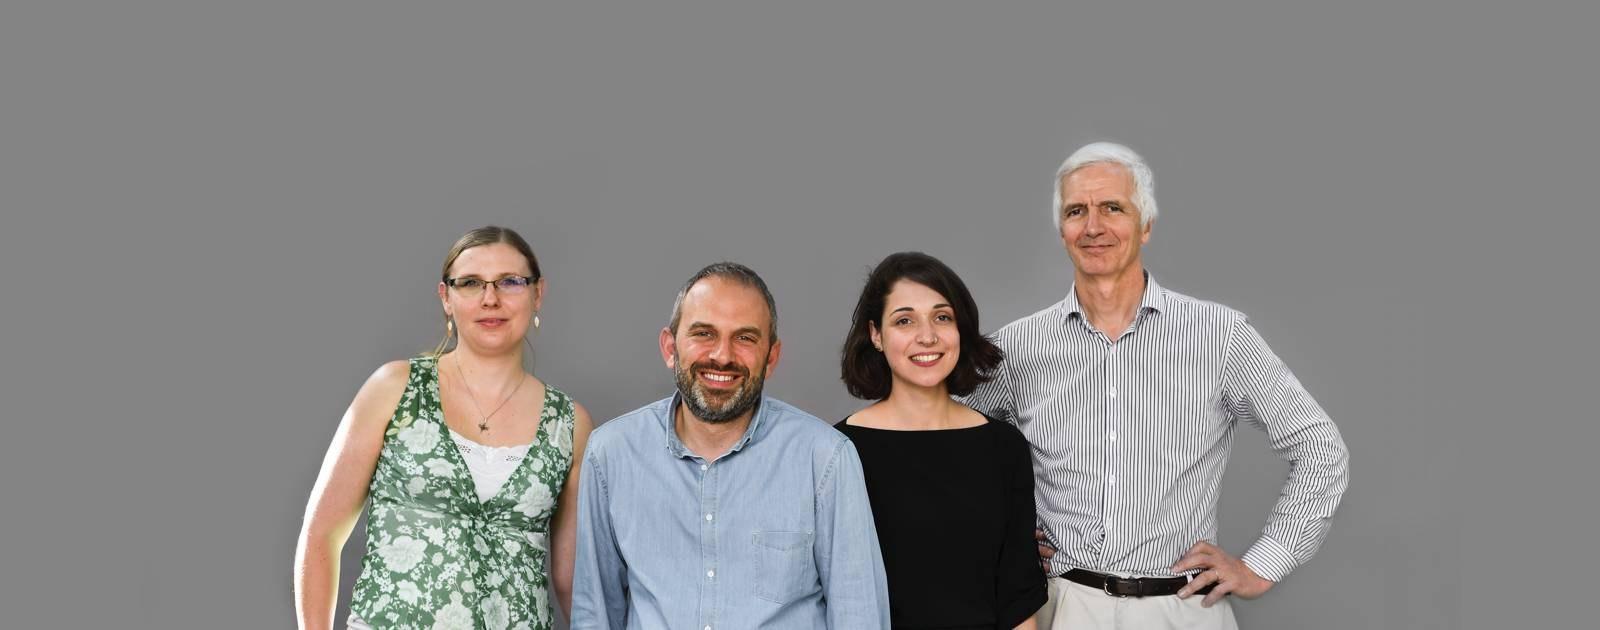 Coachs entreprise Mulhouse, Alsace, Paris : L'équipe | Relayance